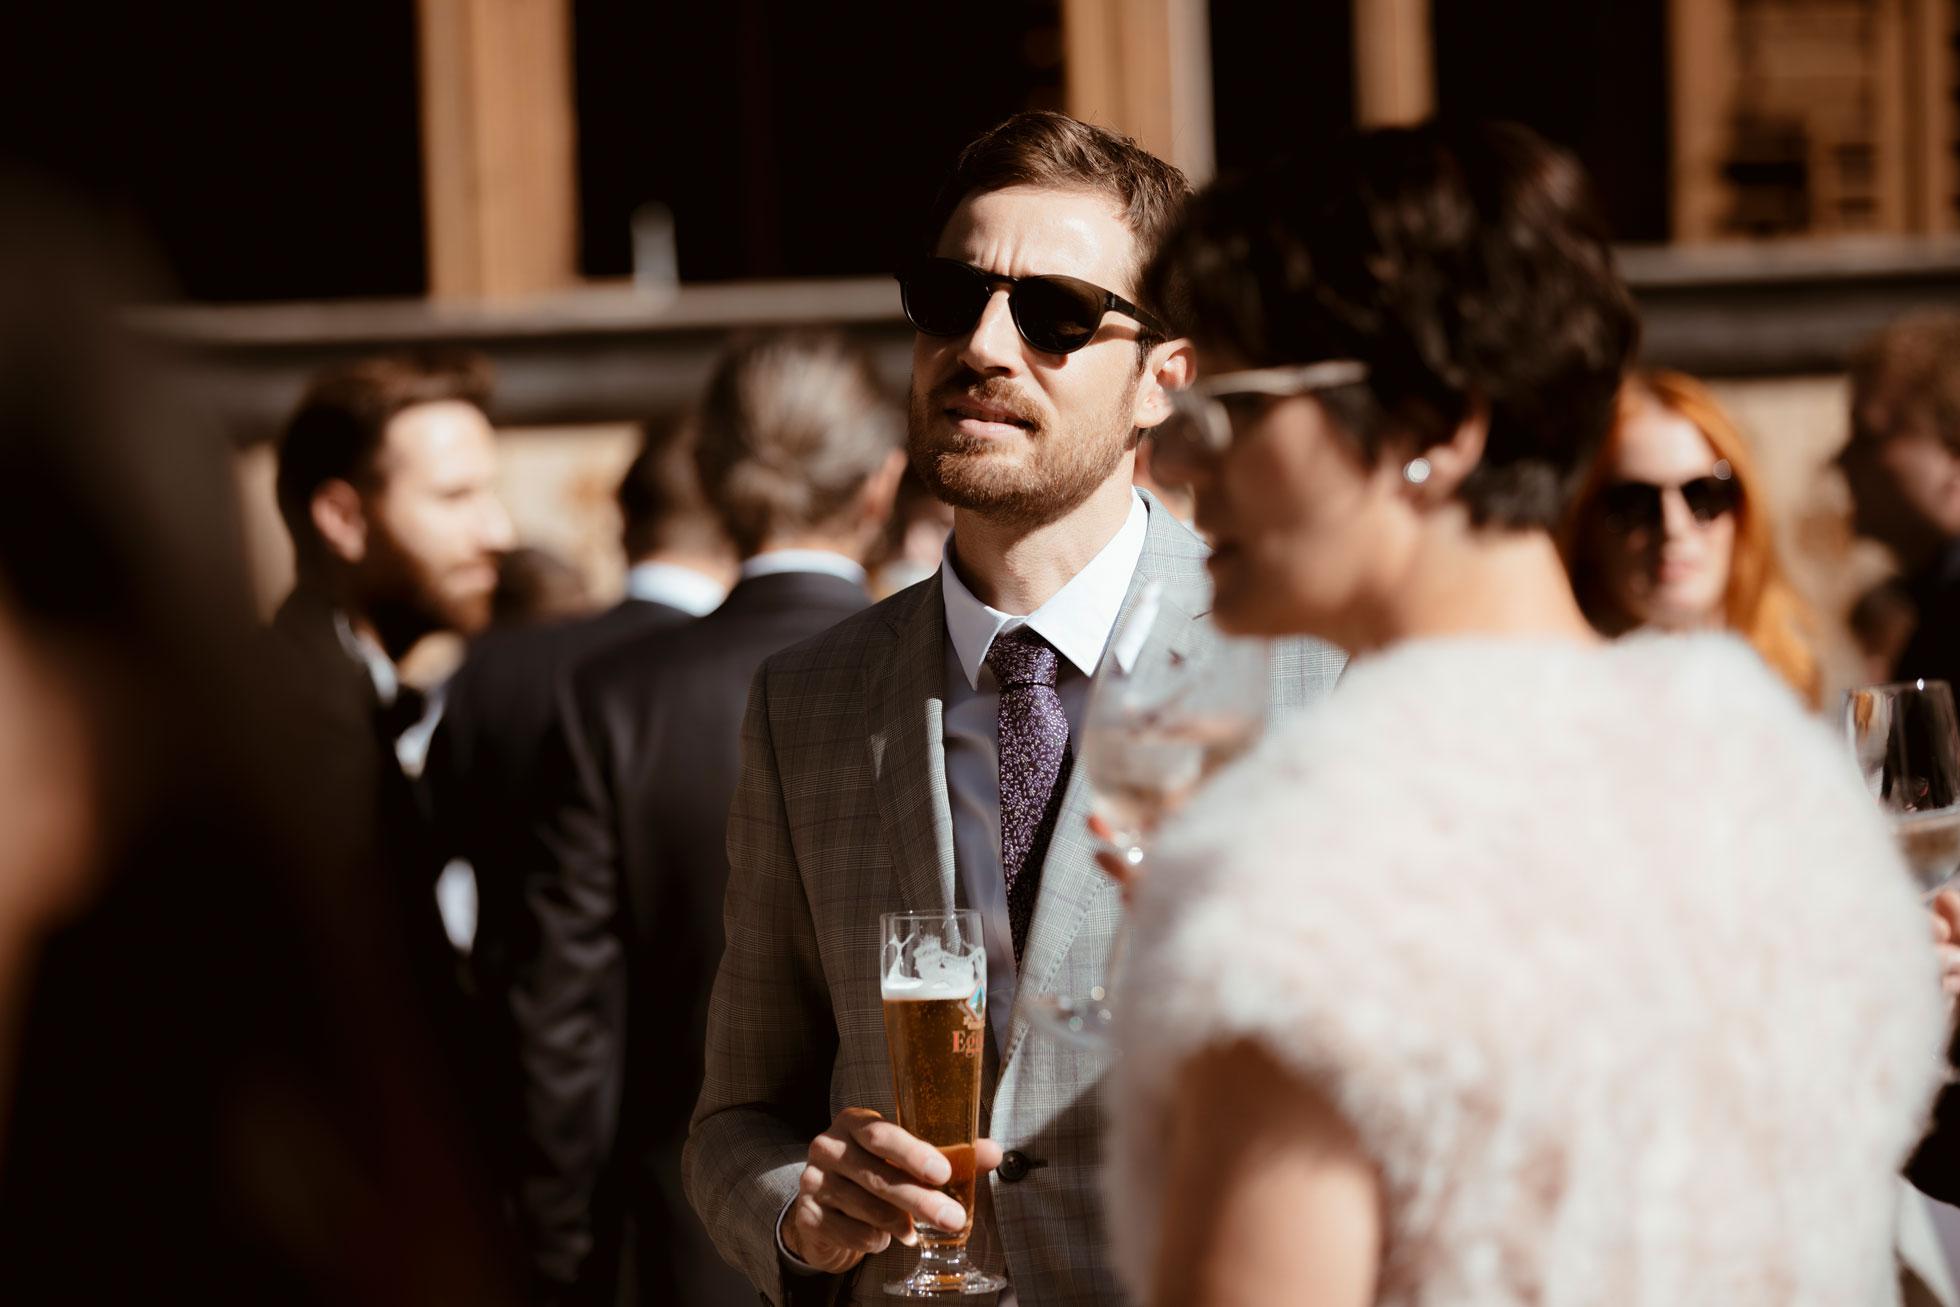 e20180922_claire_manuel_wedding_0276.jpg